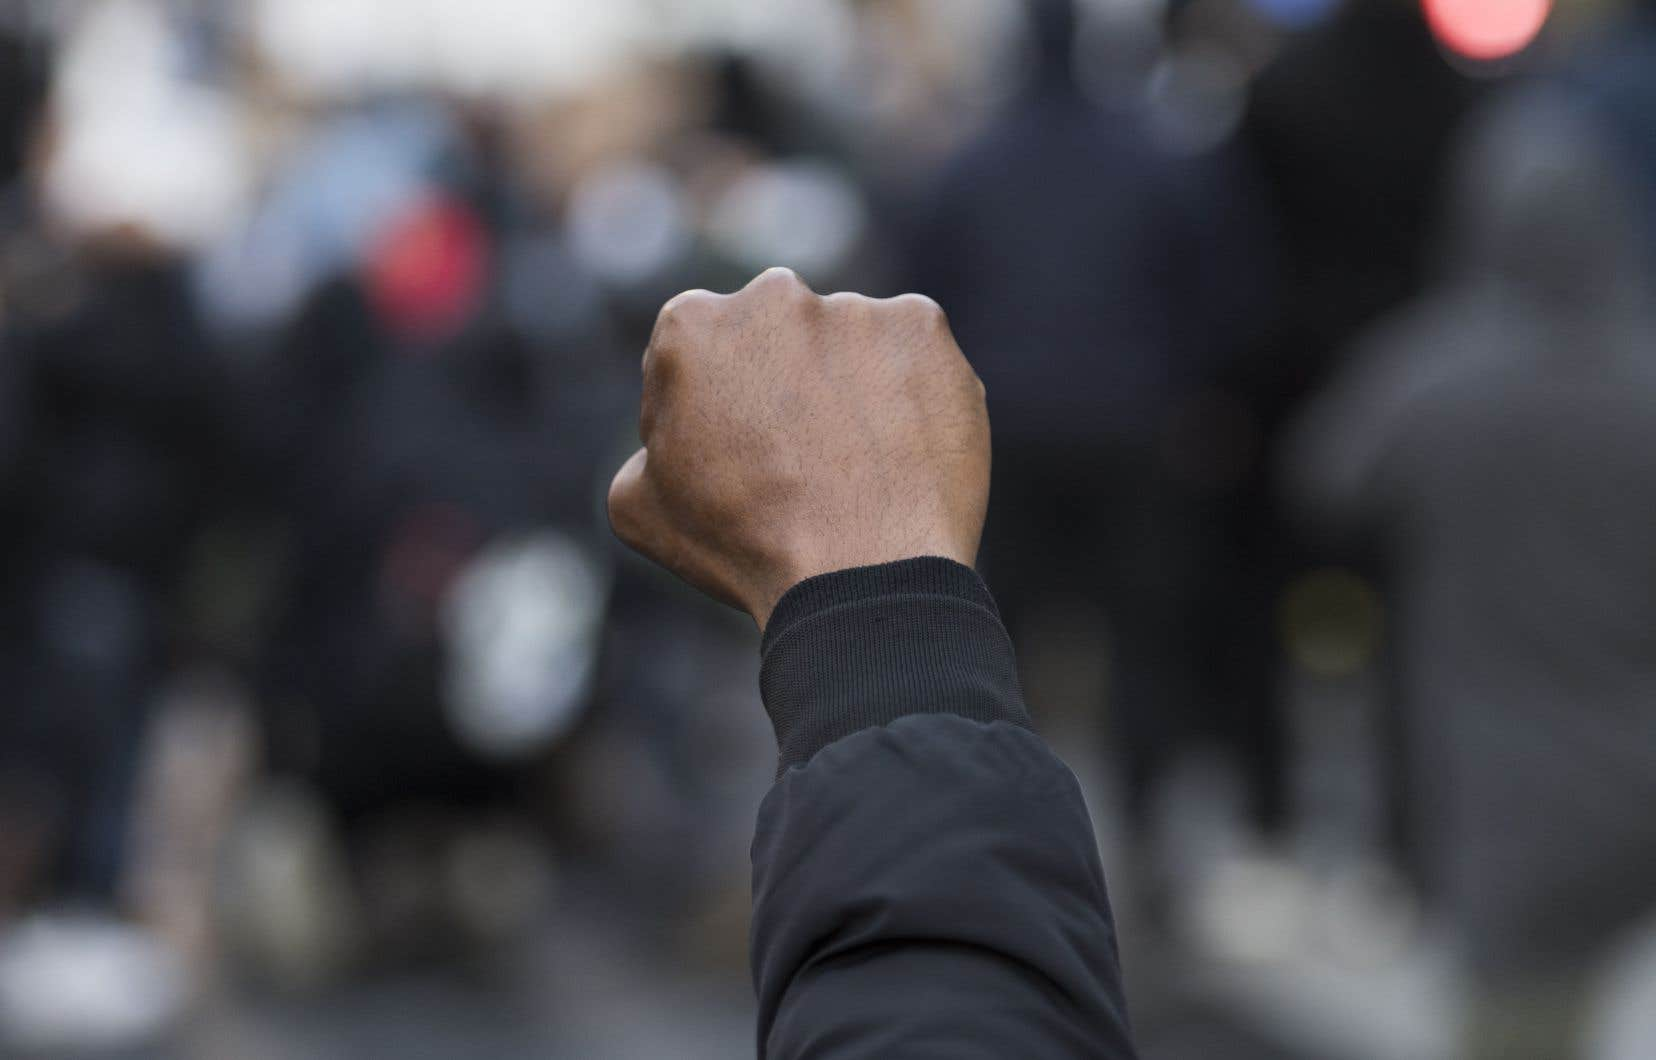 «L'affaire Verushka Lieutenant-Duval est le plus récent épisode qui démontre que les nouvelles cibles de l'antiracisme venues des États-Unis créent un certain malaise en terre francophone», écrit l'auteur.